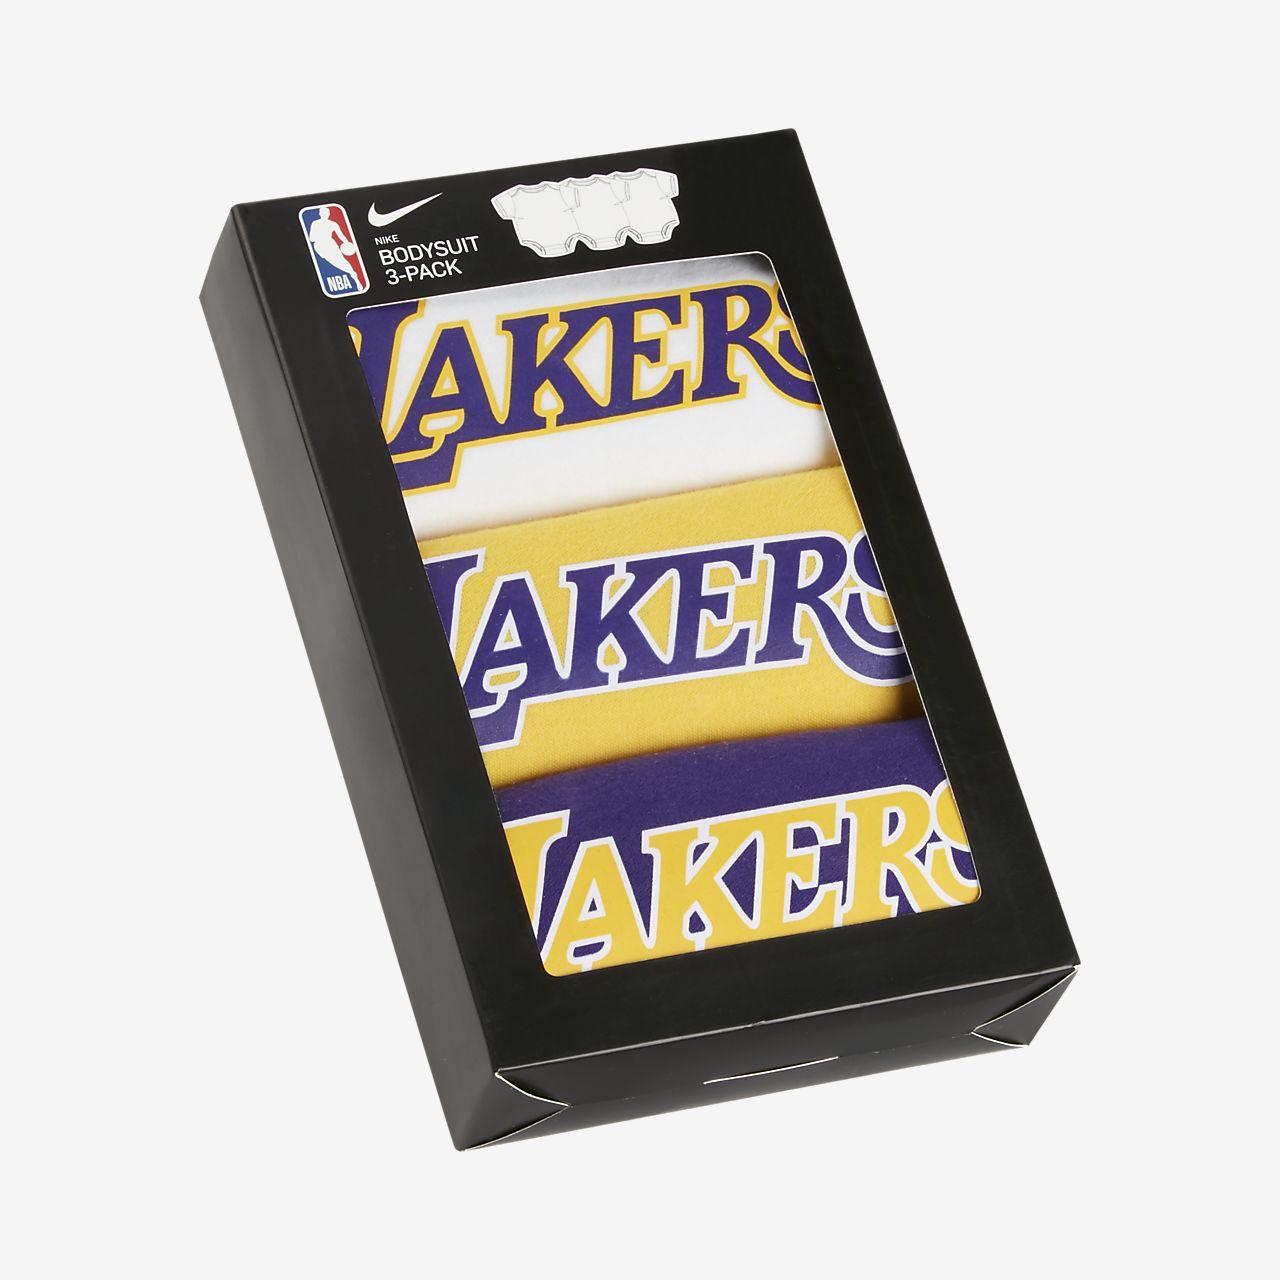 Lakers Nike NBA Driedelige rompertjesset voor baby's